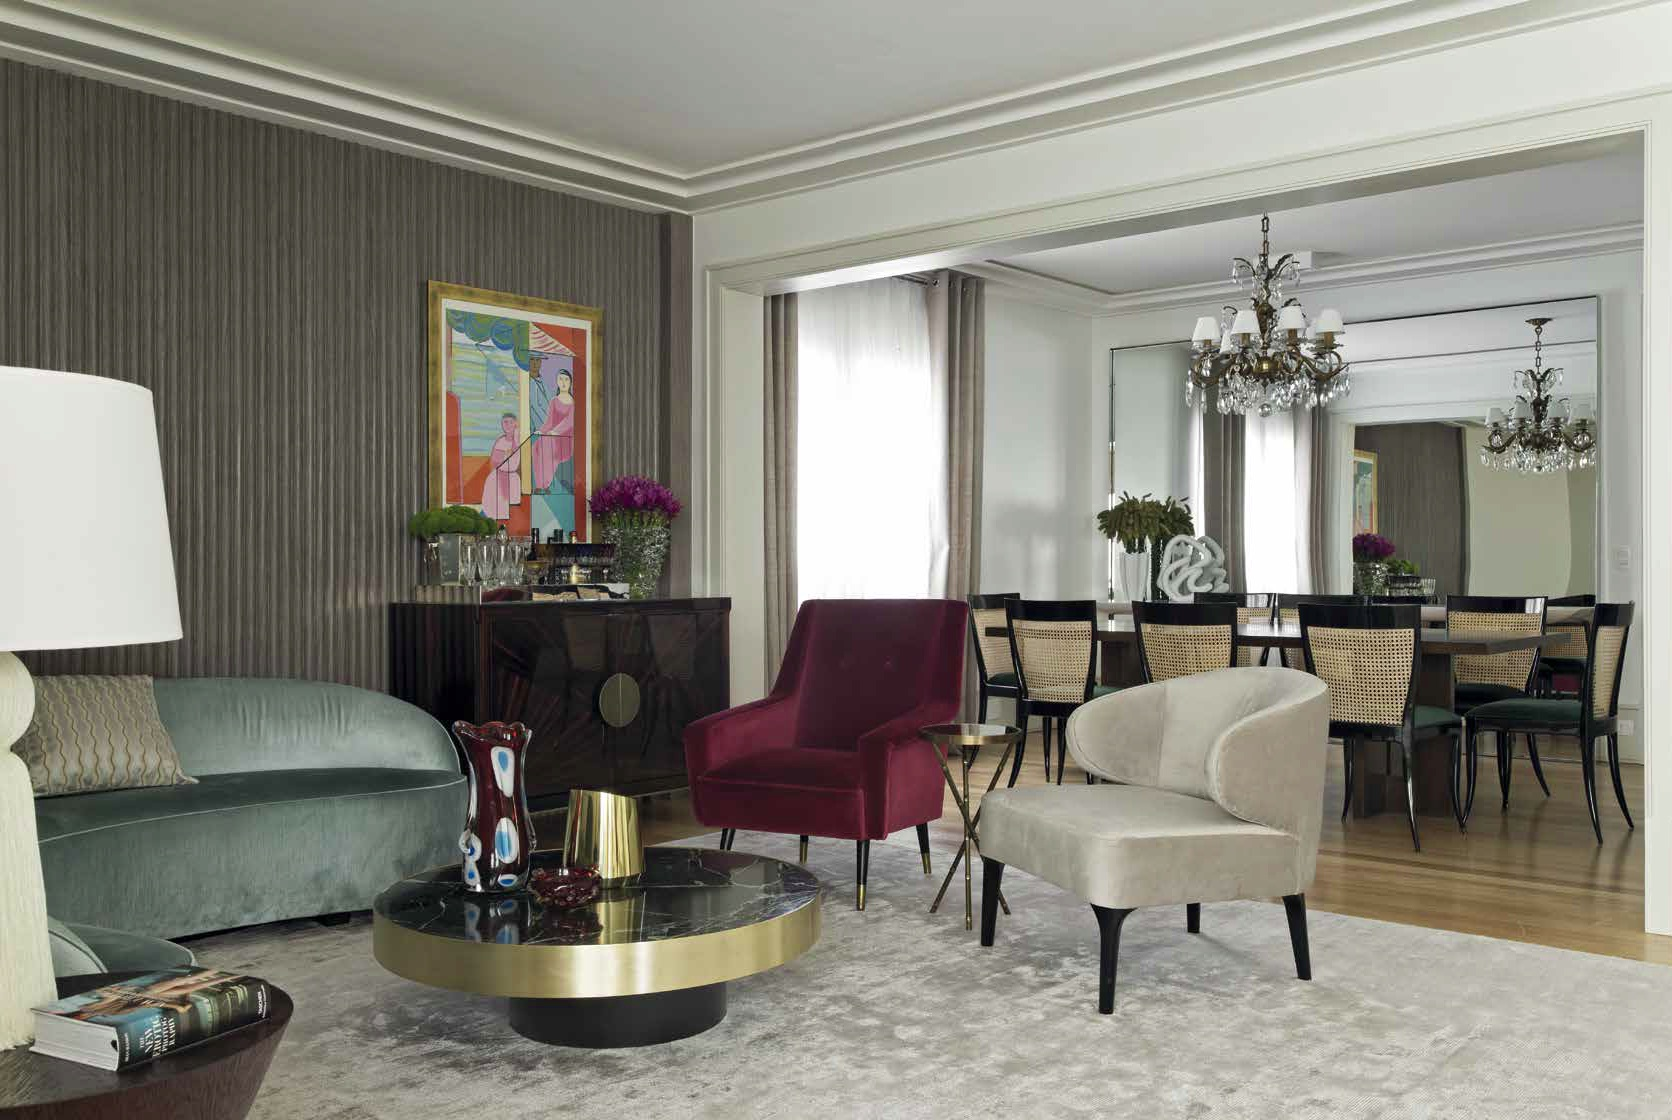 Луксът е създаден с игра в комбинирането на заемки от емблематични мебели, архитектурни елементи и декорация